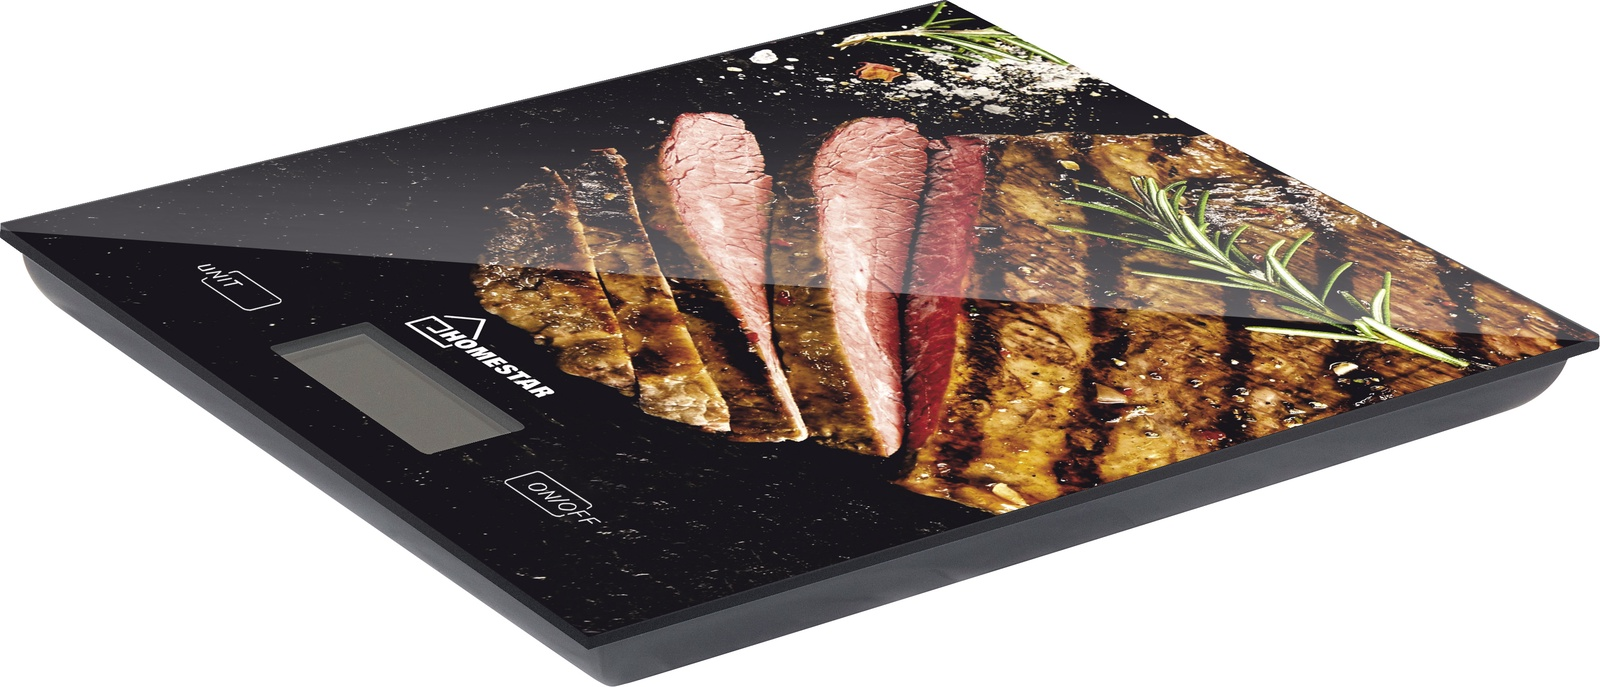 Кухонные весы HOMESTAR HS-3006 стейк, разноцветный, черный